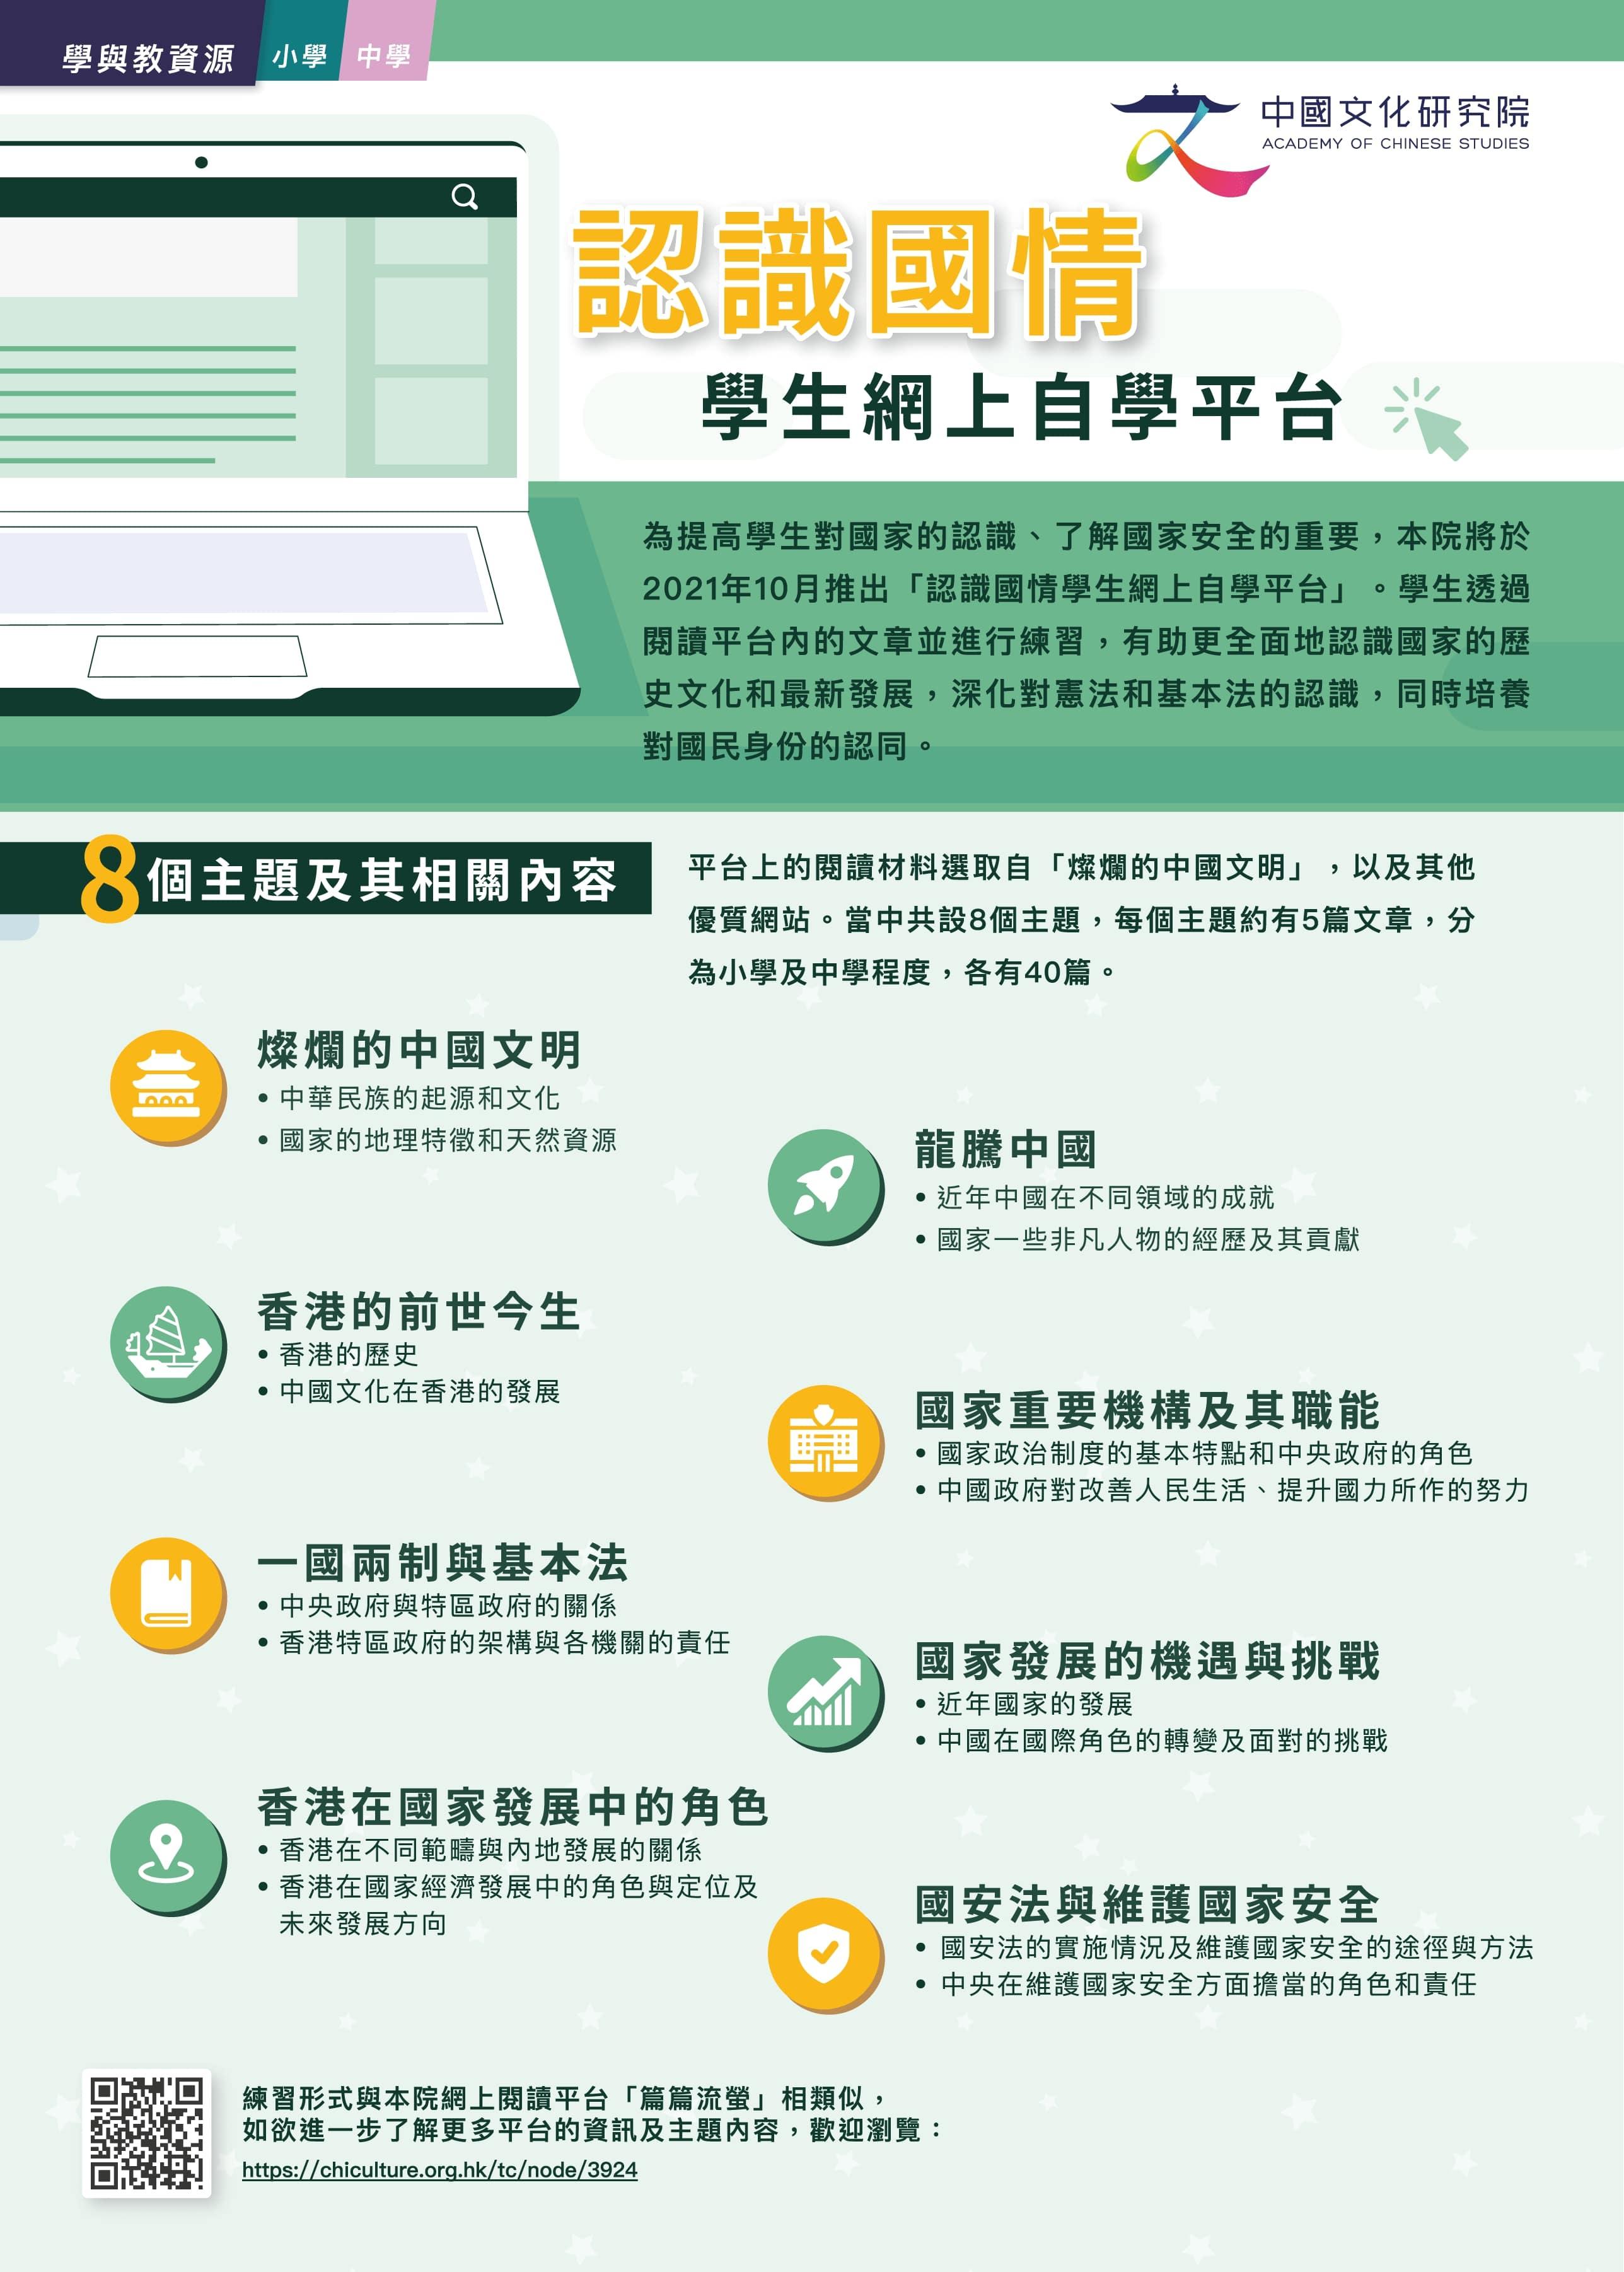 acs_flyer_renshiguoqing_20210618_v4.3-01-min